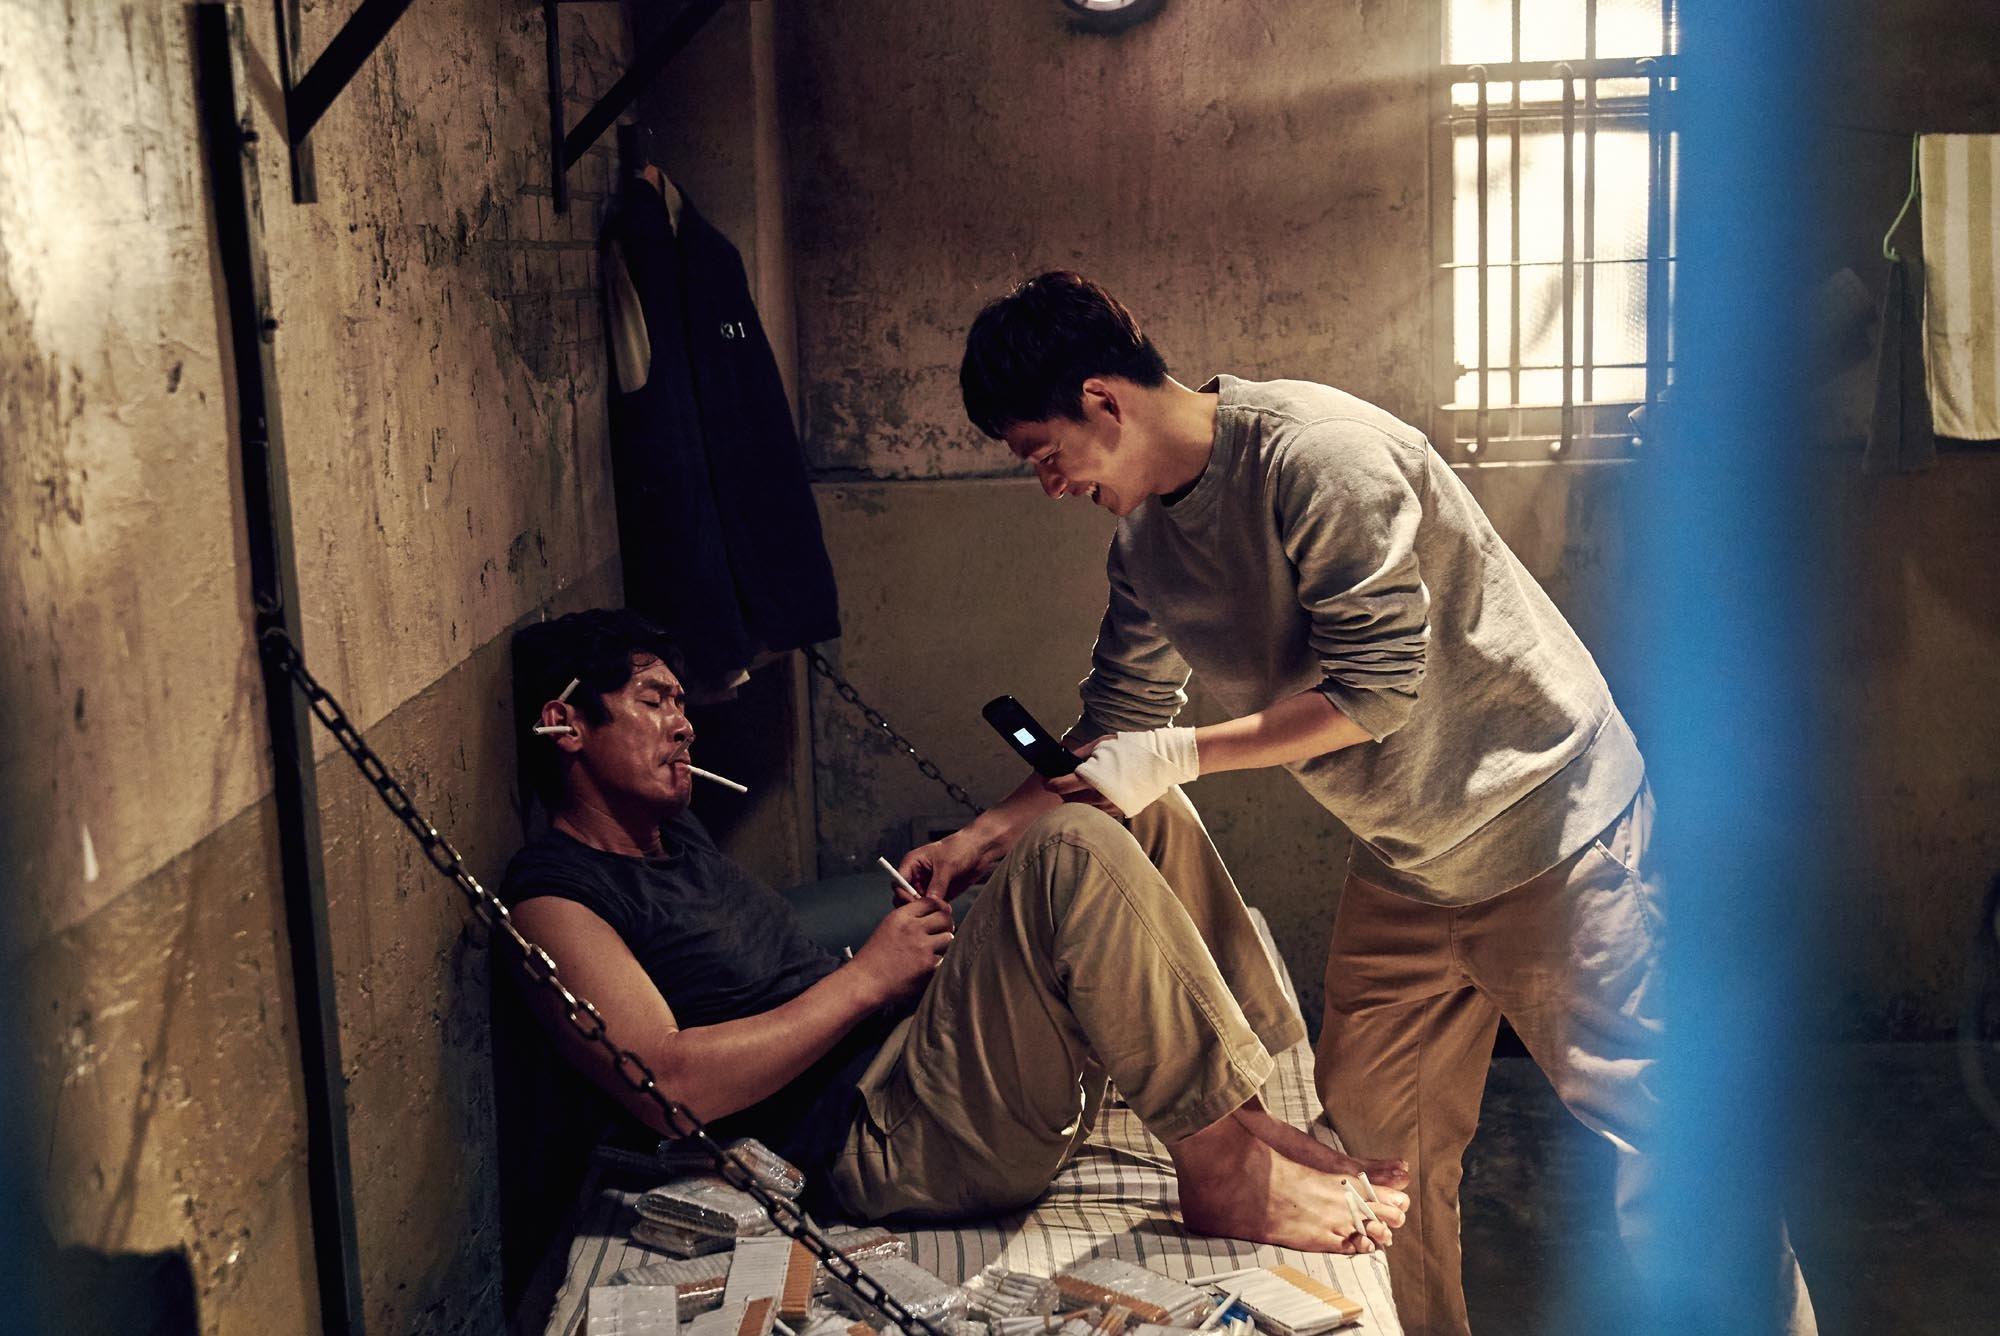 sans pitié prison clopes